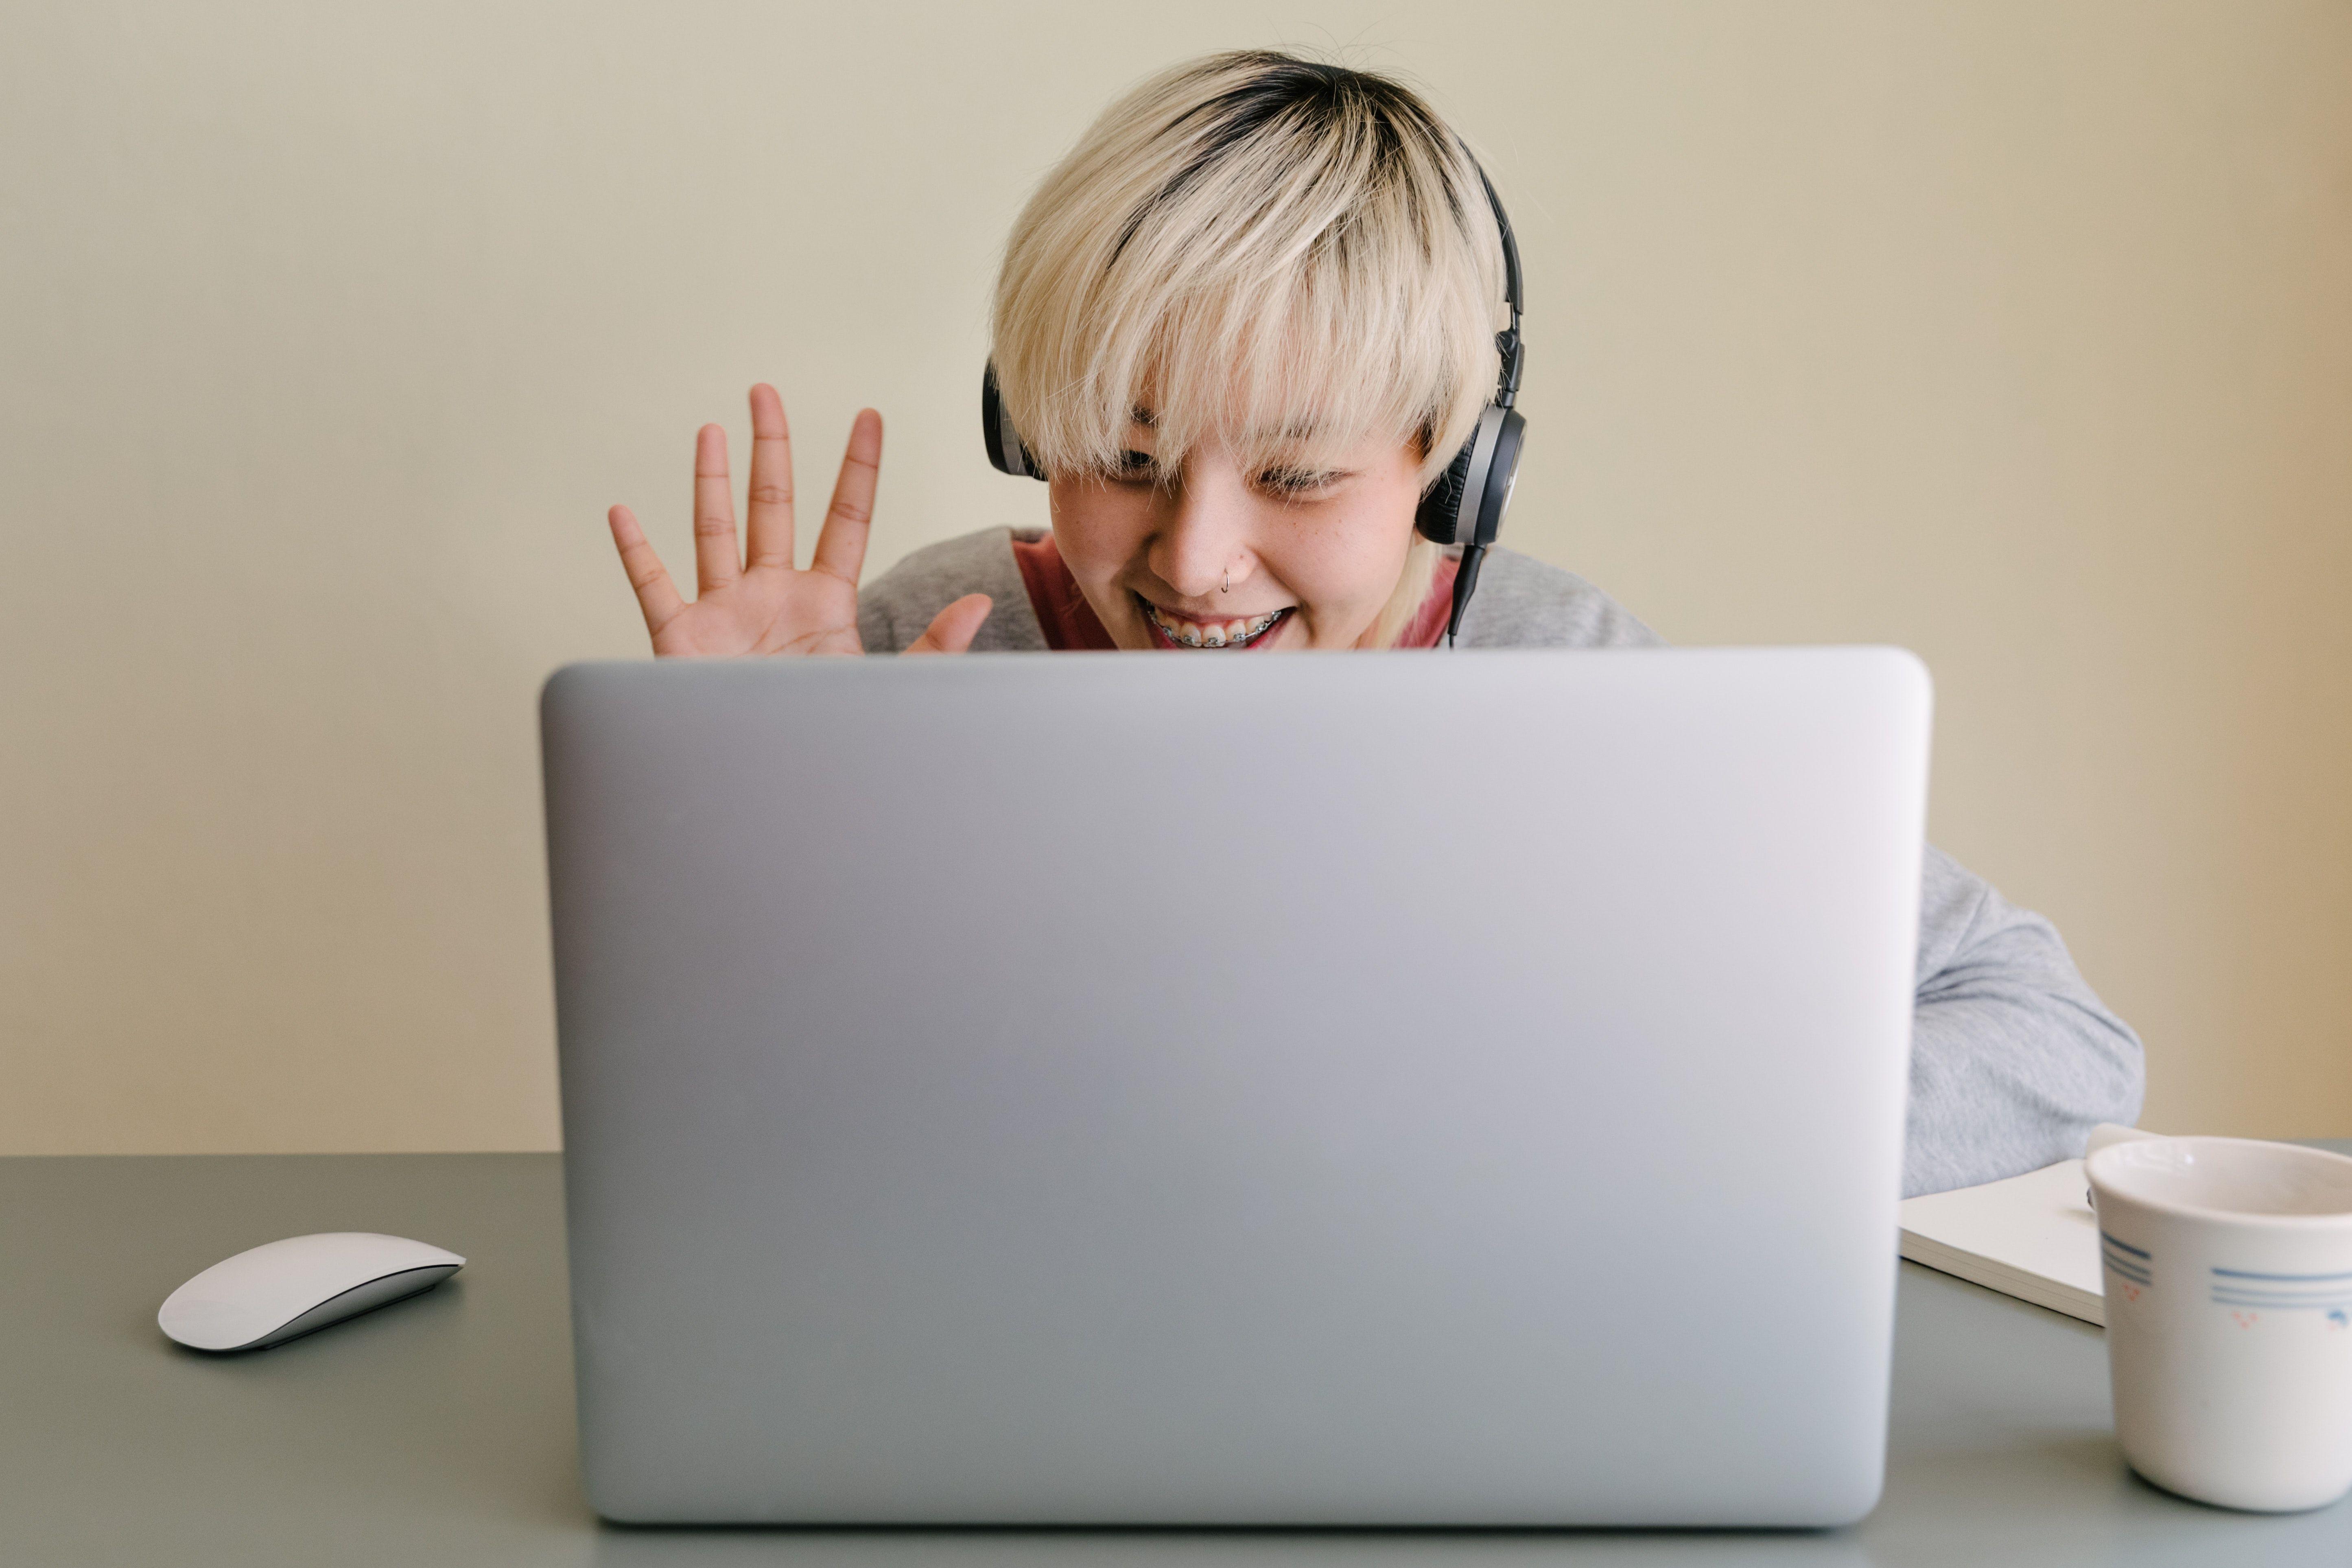 35 Features Of Hiring A Virtual Social Media Assistant